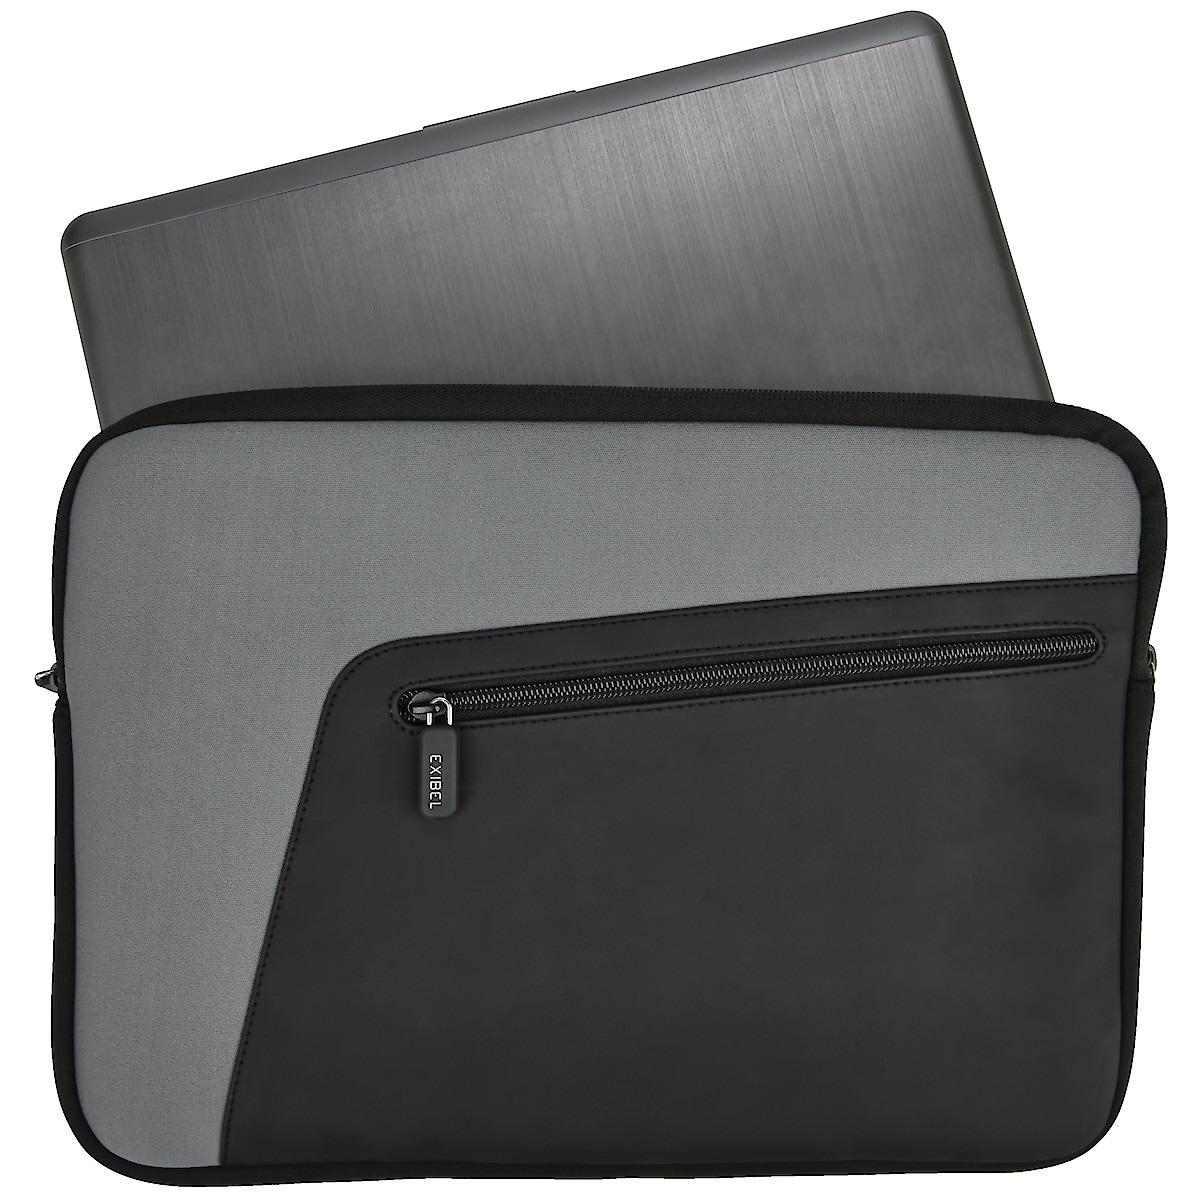 Laptop-Schutzhülle 13,3